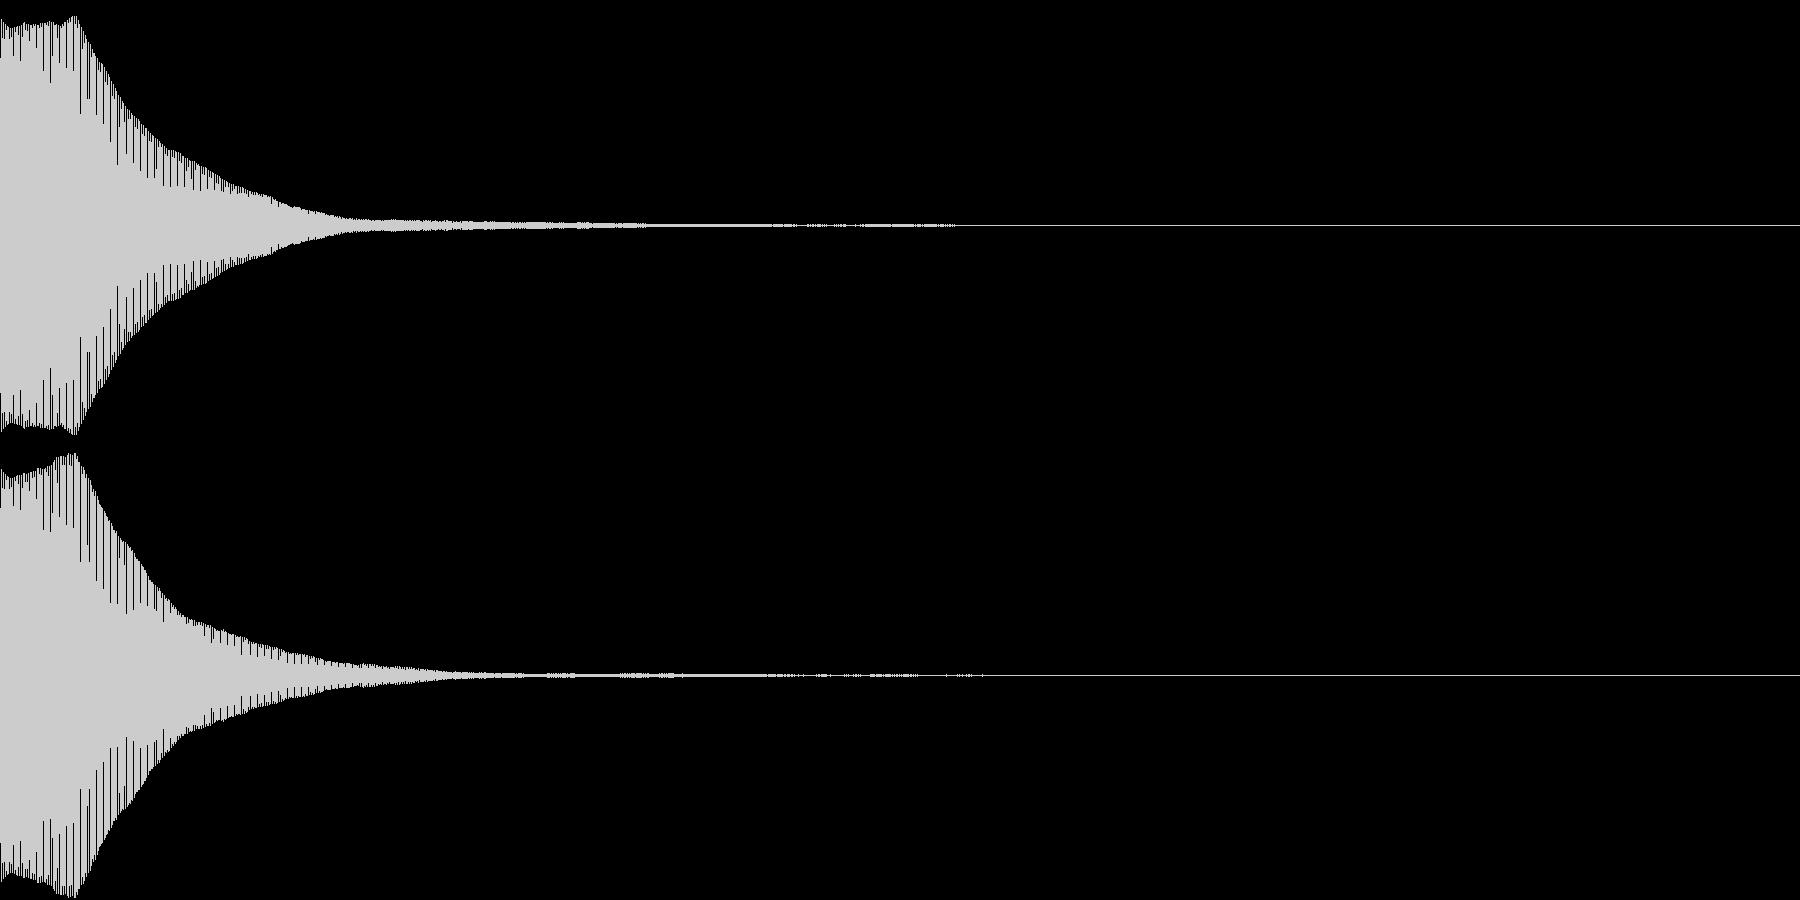 ポーン(何かを表示するときなどに)の未再生の波形